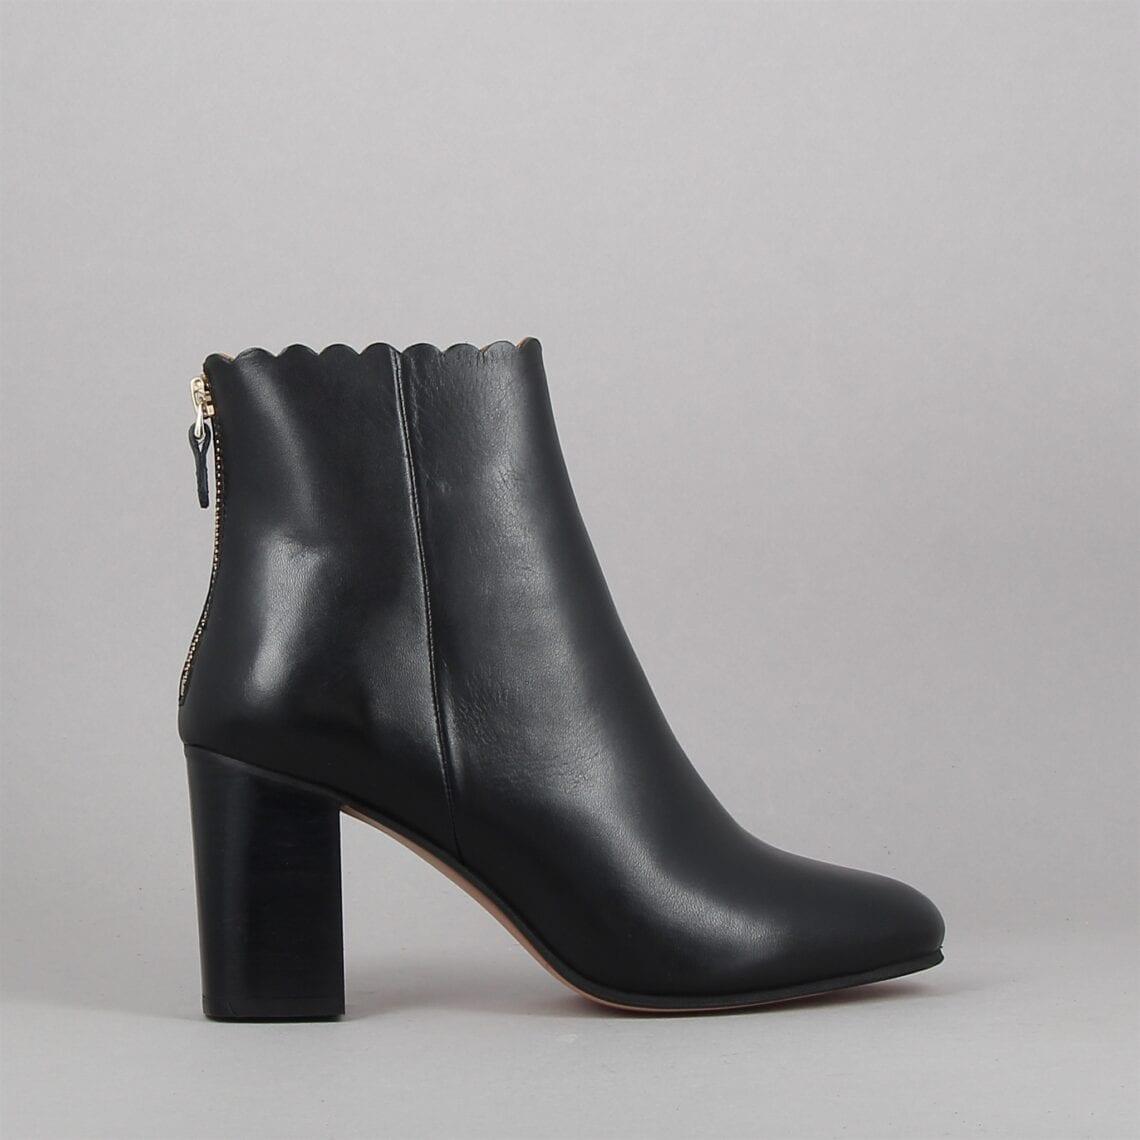 emilie-noir-182550530-0.jpg